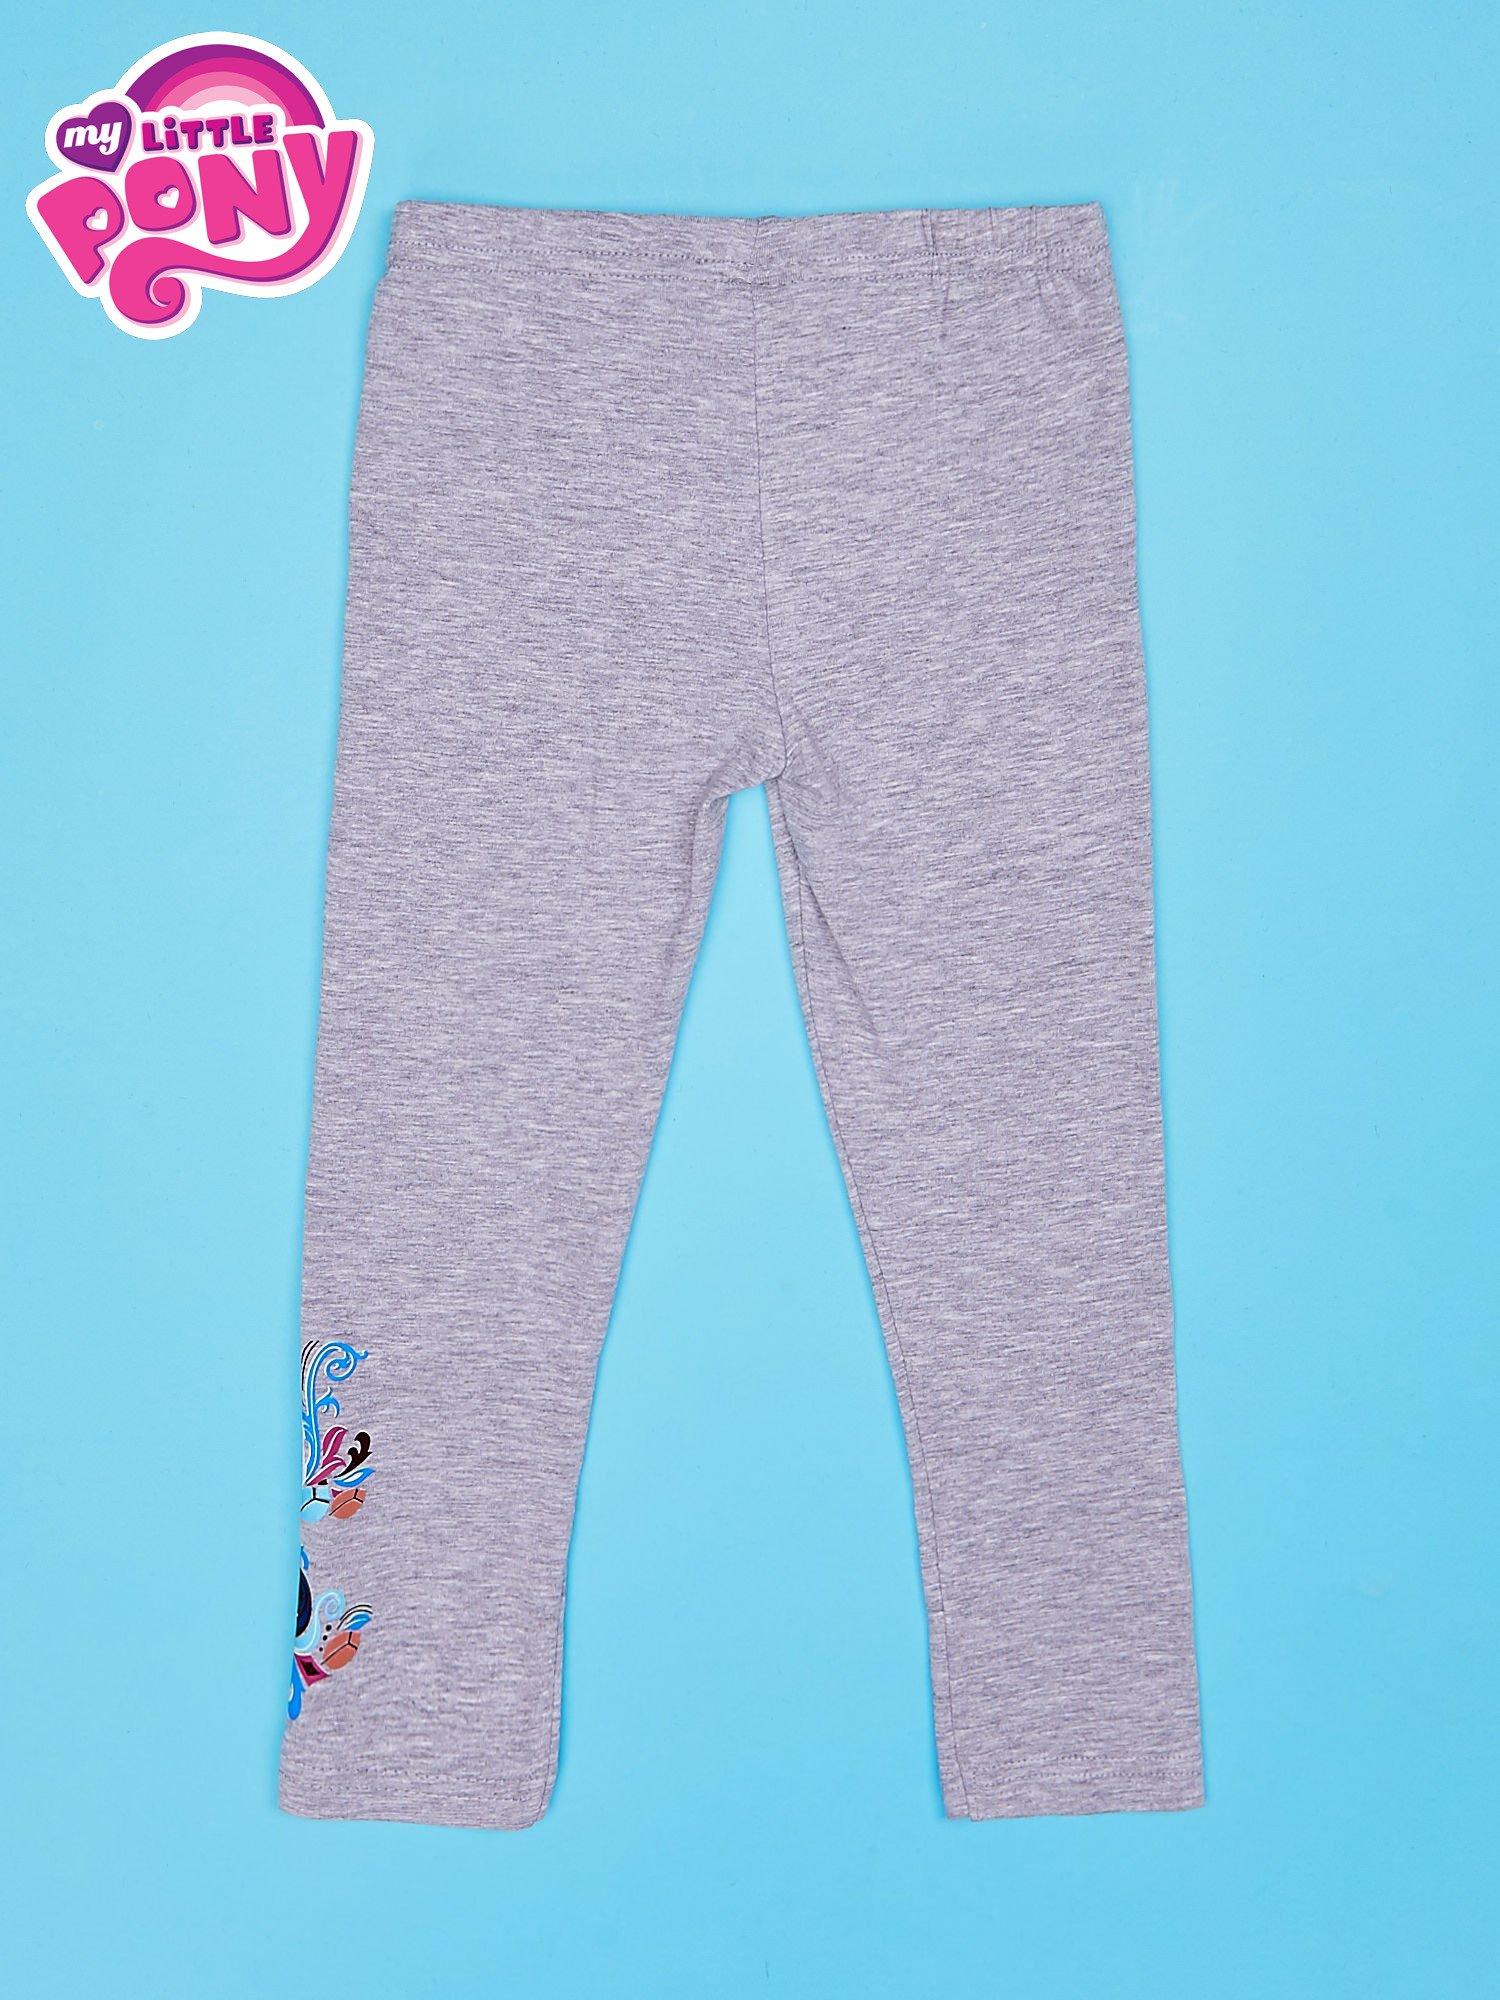 Szare legginsy dla dziewczynki MY LITTLE PONY                                  zdj.                                  2